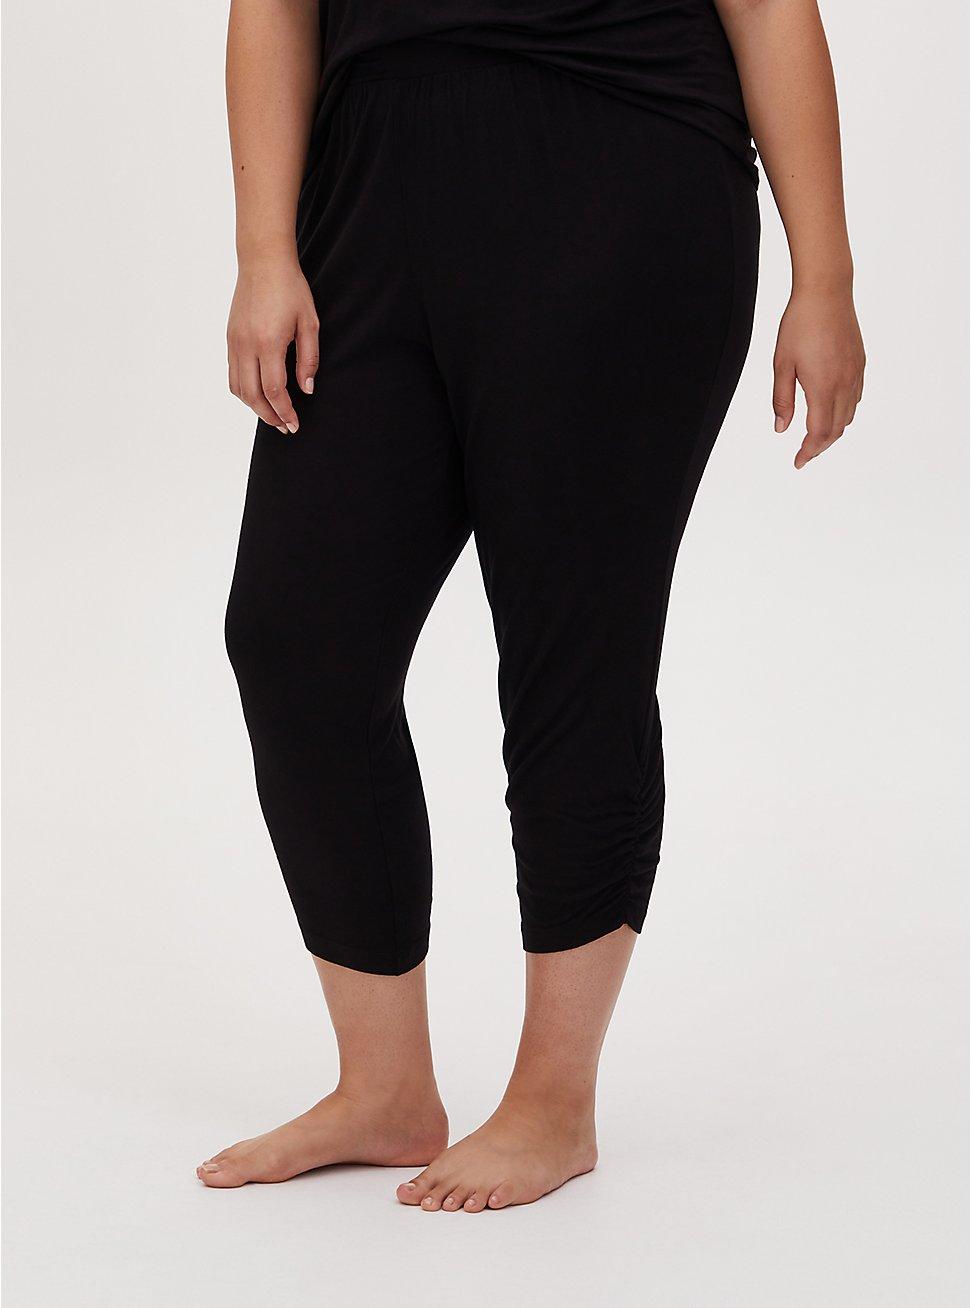 Black Ruched Crop Sleep Pant, DEEP BLACK, hi-res